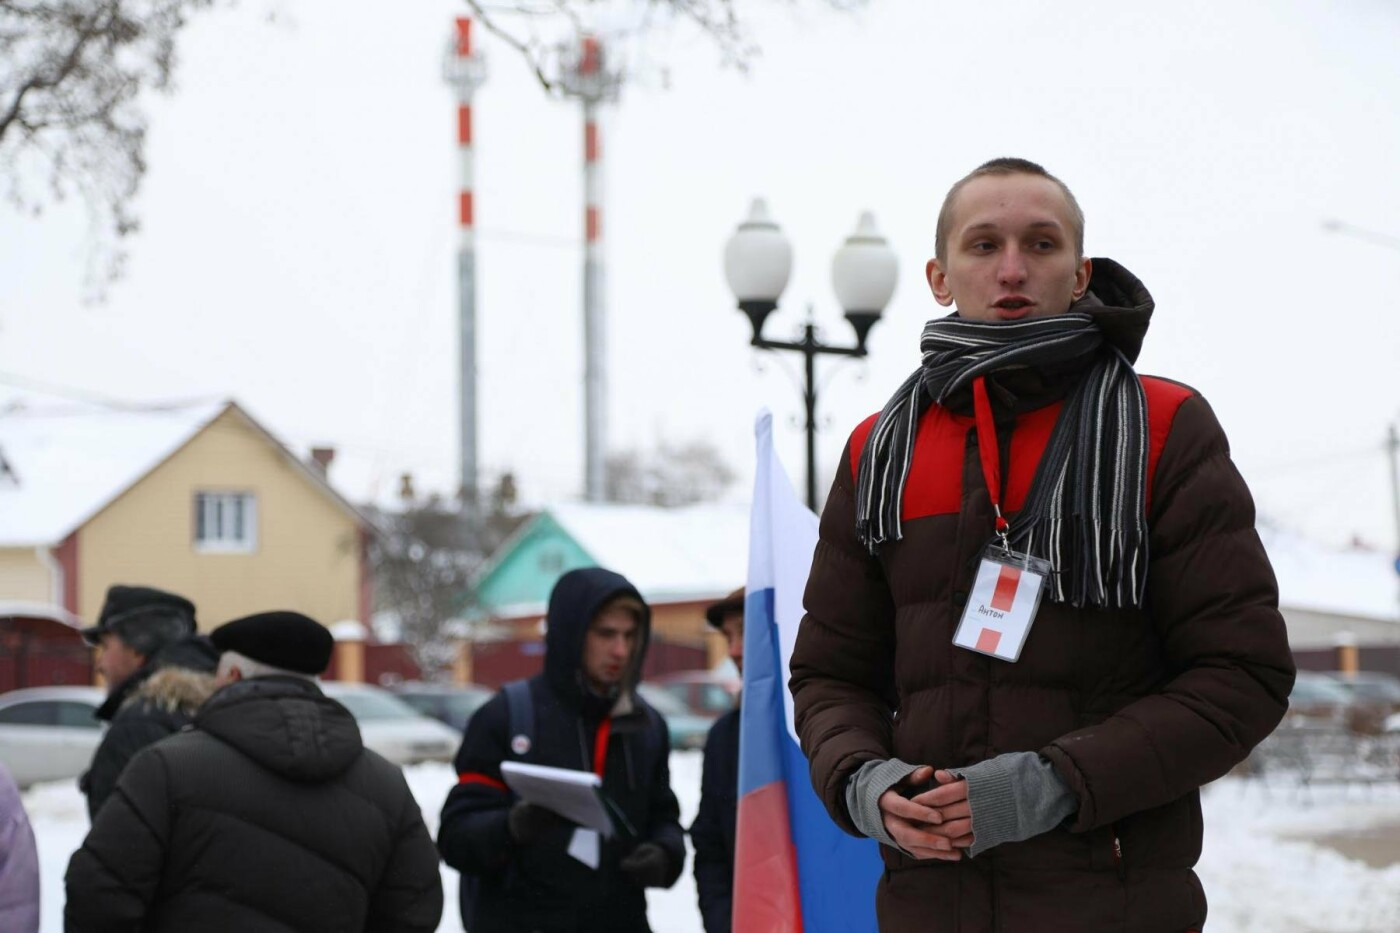 В Белгороде у Дома офицеров прошла «забастовка избирателей» — фоторепортаж, фото-19